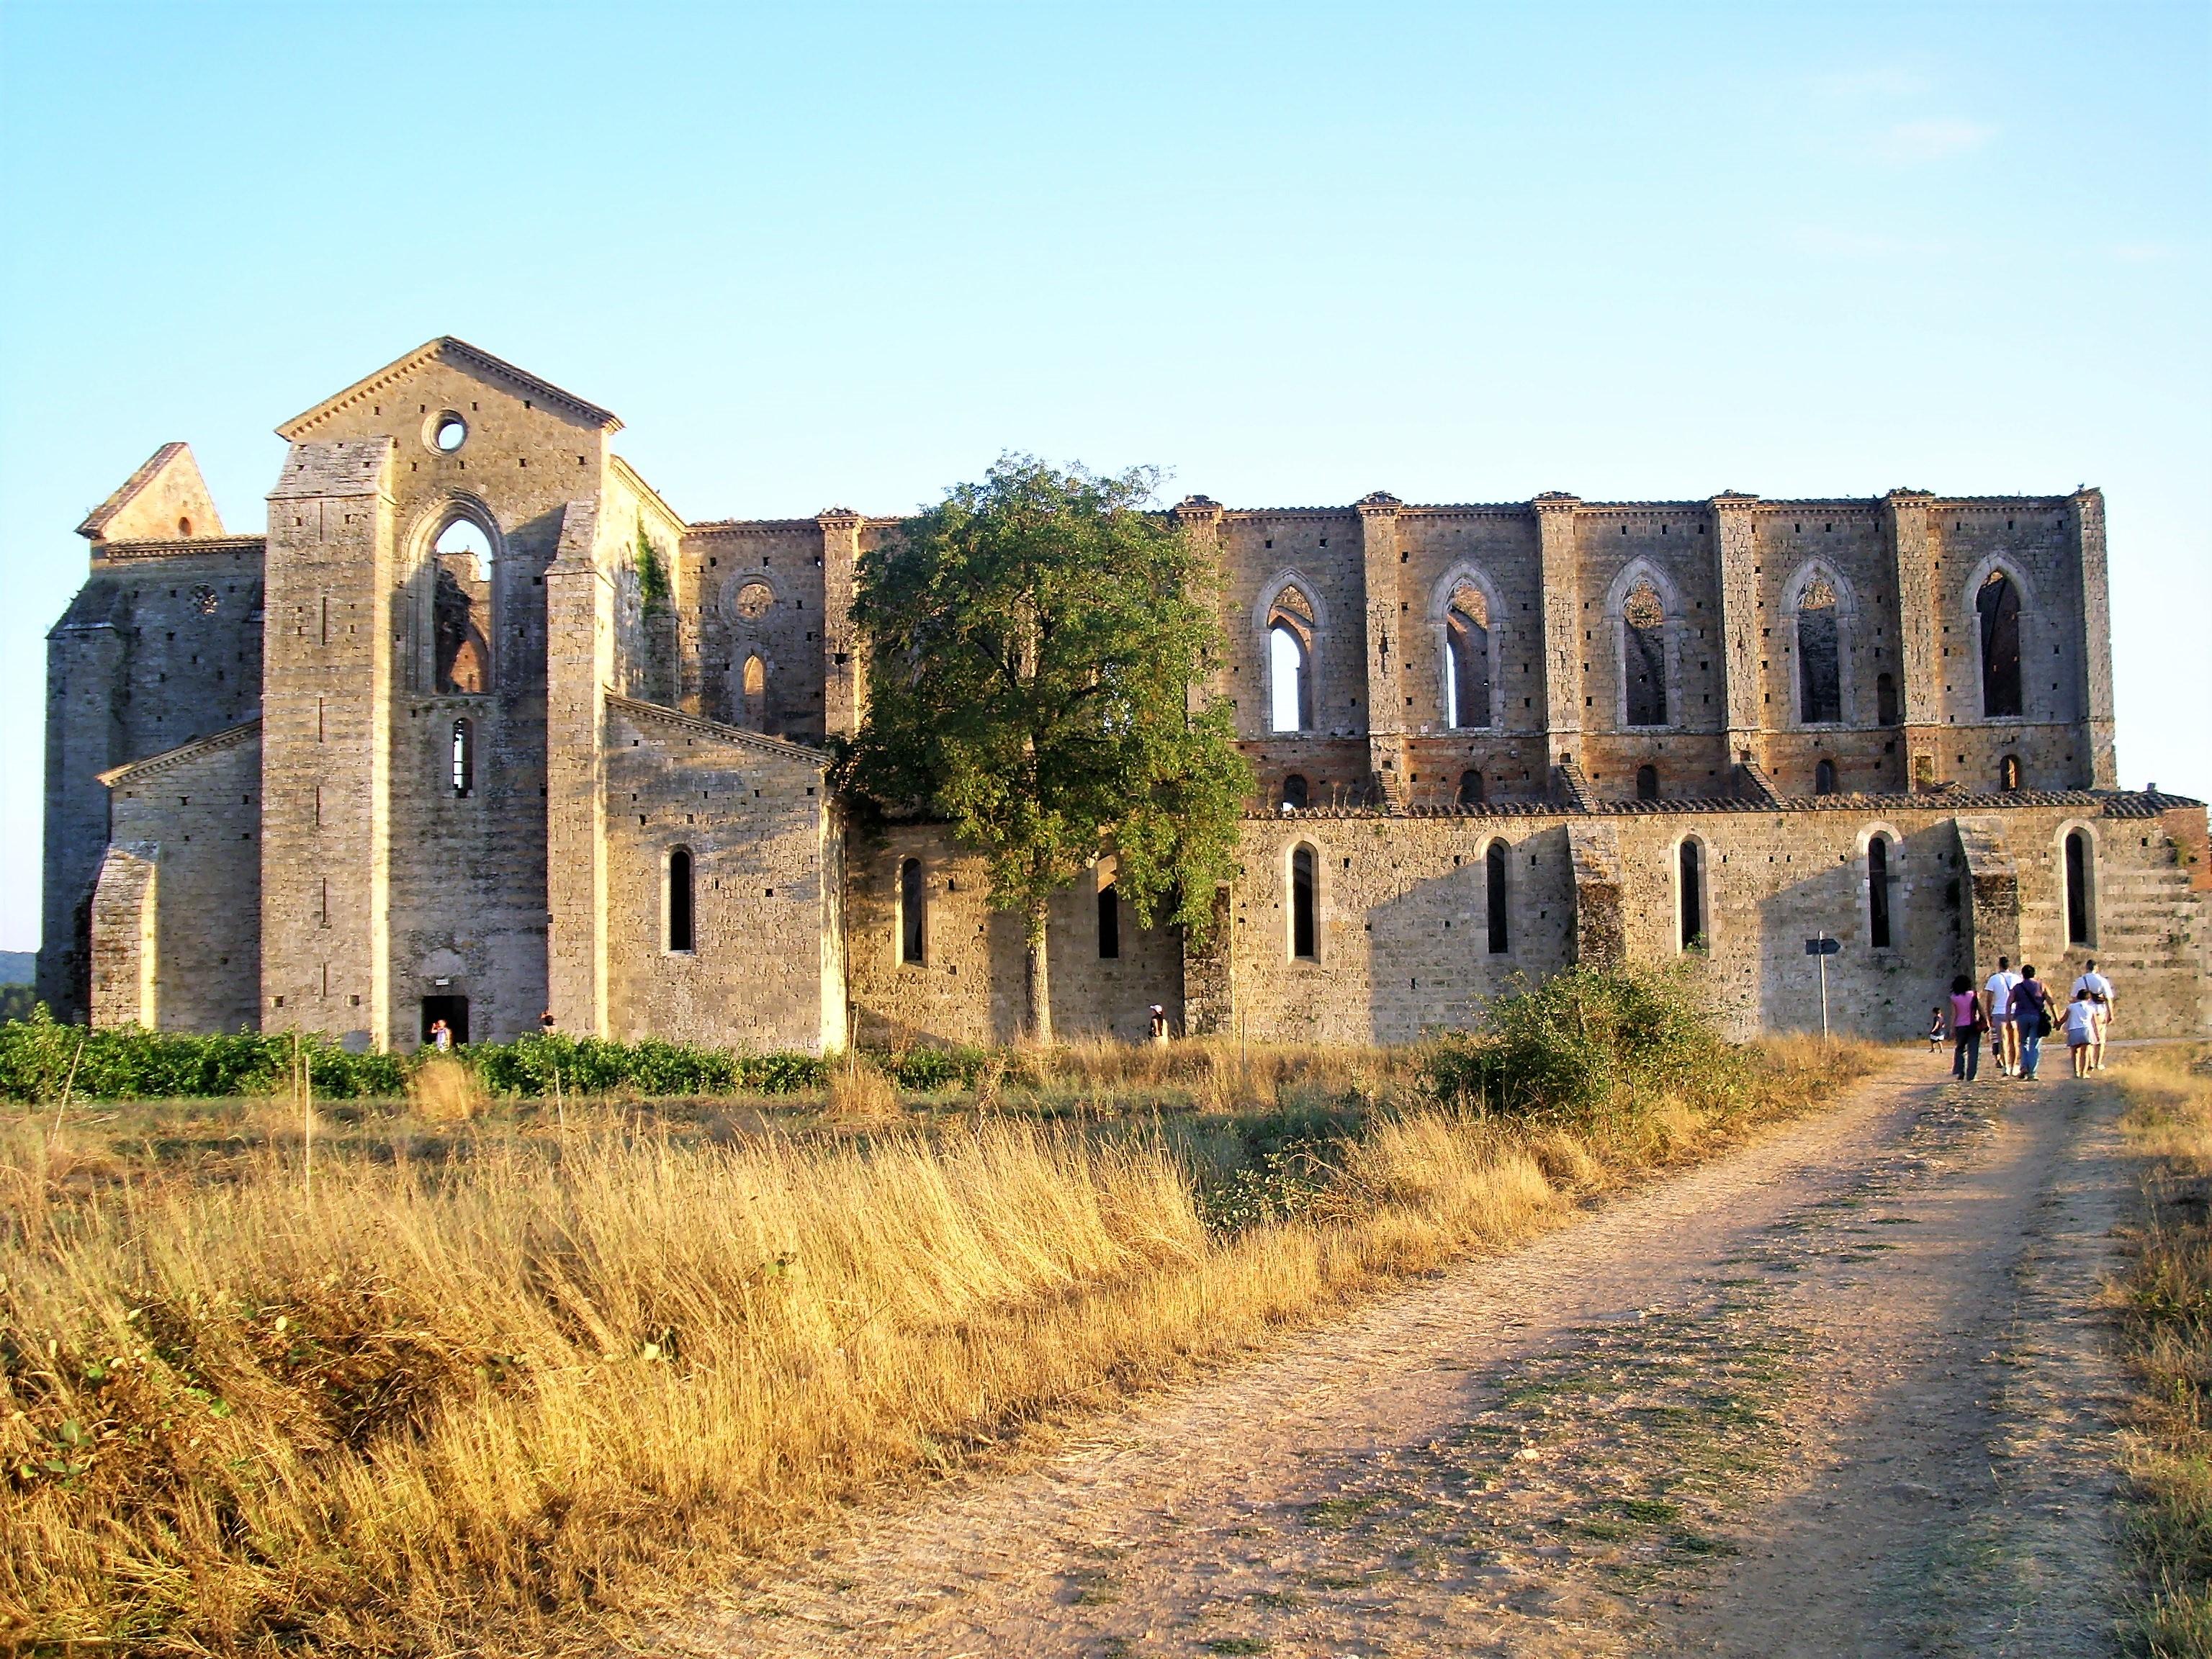 ABBAZIA DI SAN GALGANO, TRA SUGGESTIONE E LEGGENDA